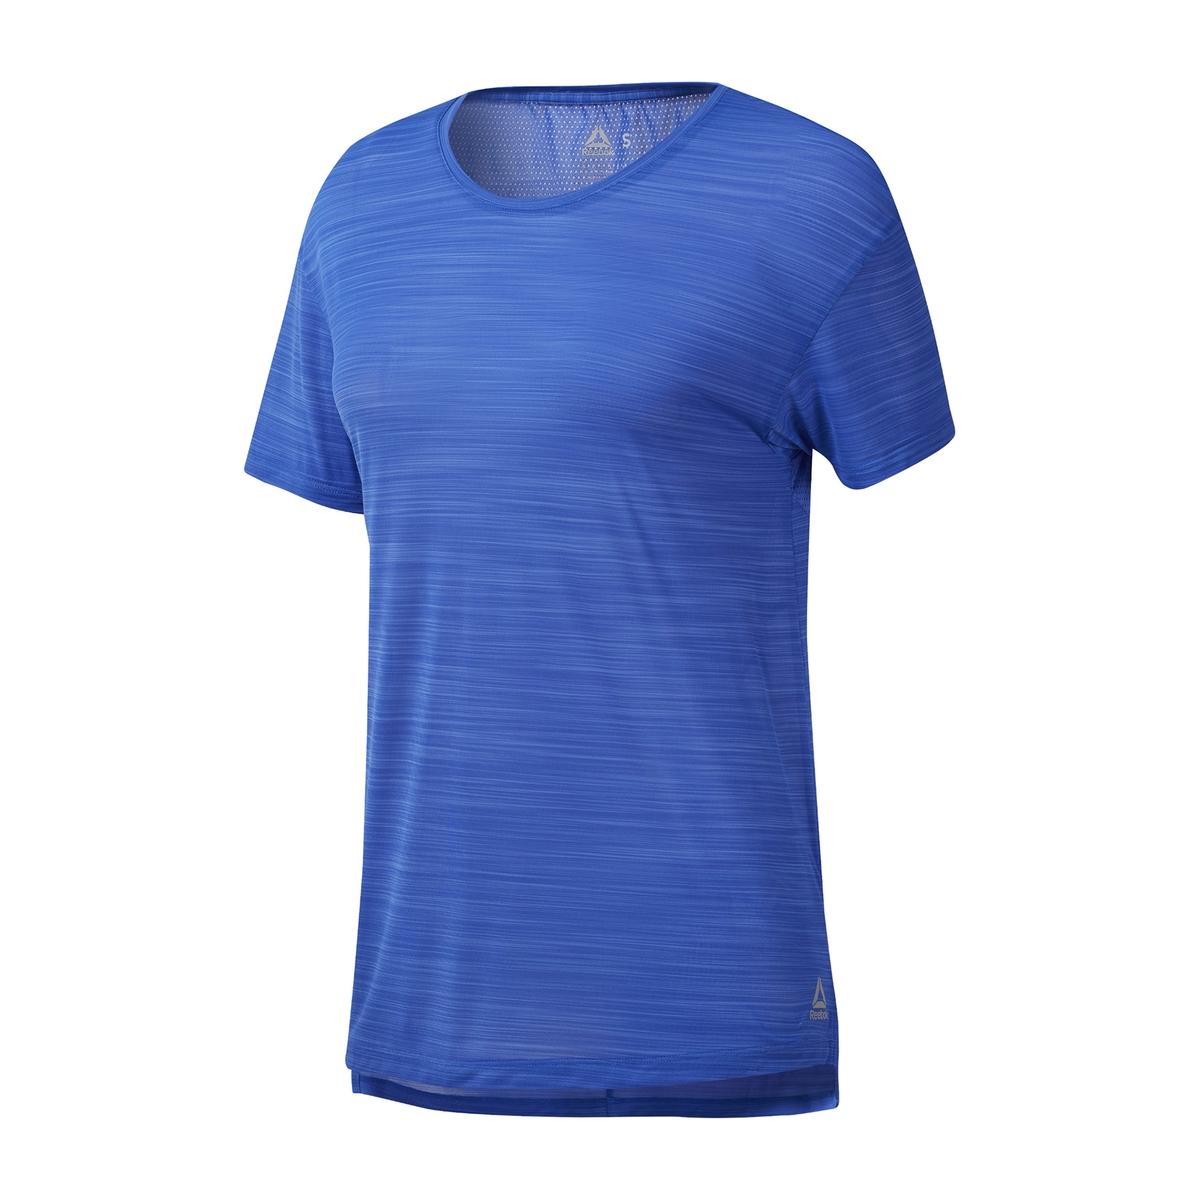 Imagen principal de producto de Camiseta de deporte Wor AC - Reebok